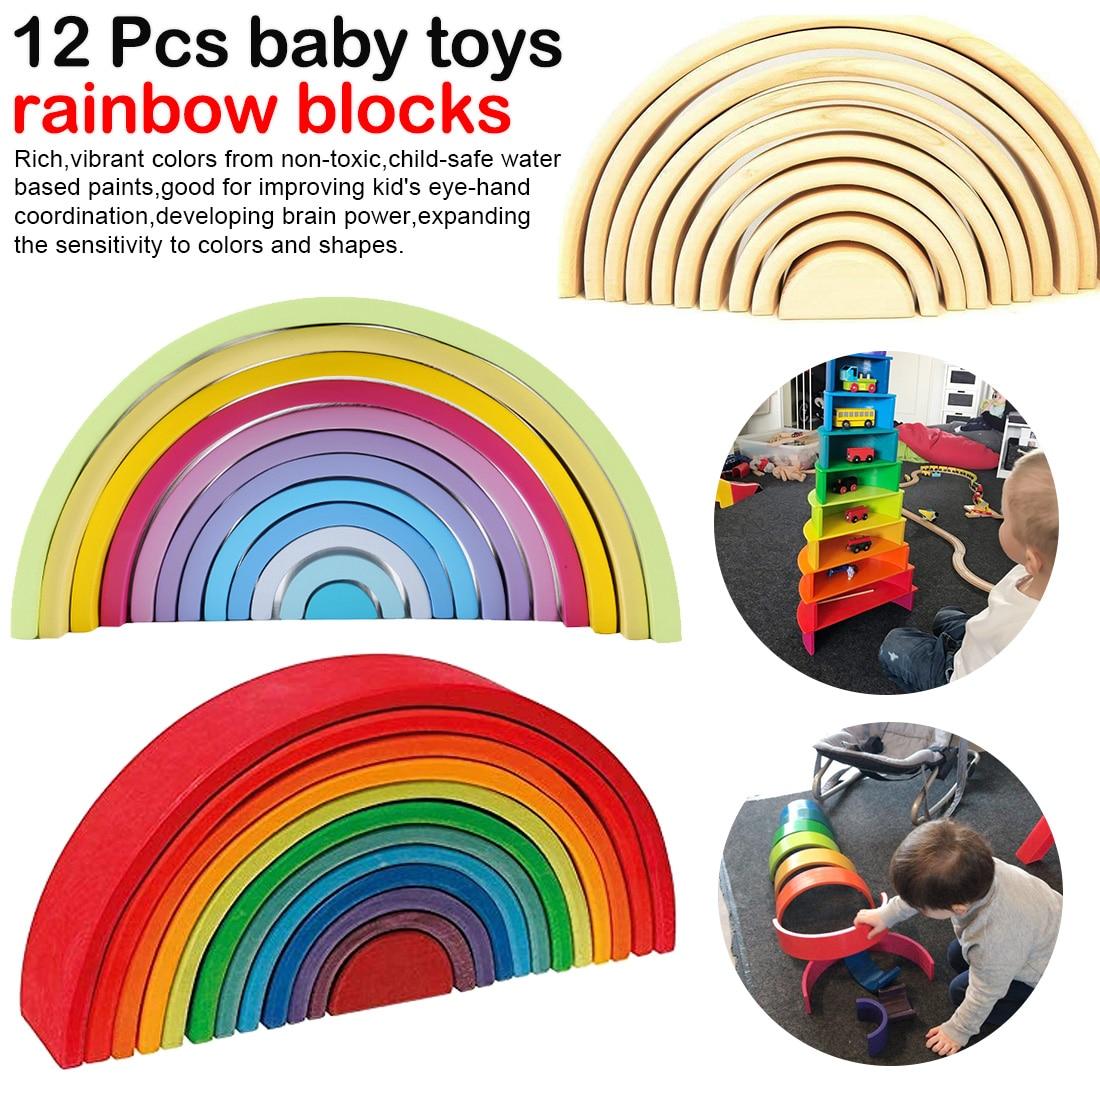 12 Pcs/Lot bébé jouets arc-en-ciel blocs en bois arc-en-ciel empileur nidification Puzzle créatif blocs de construction jouets éducatifs